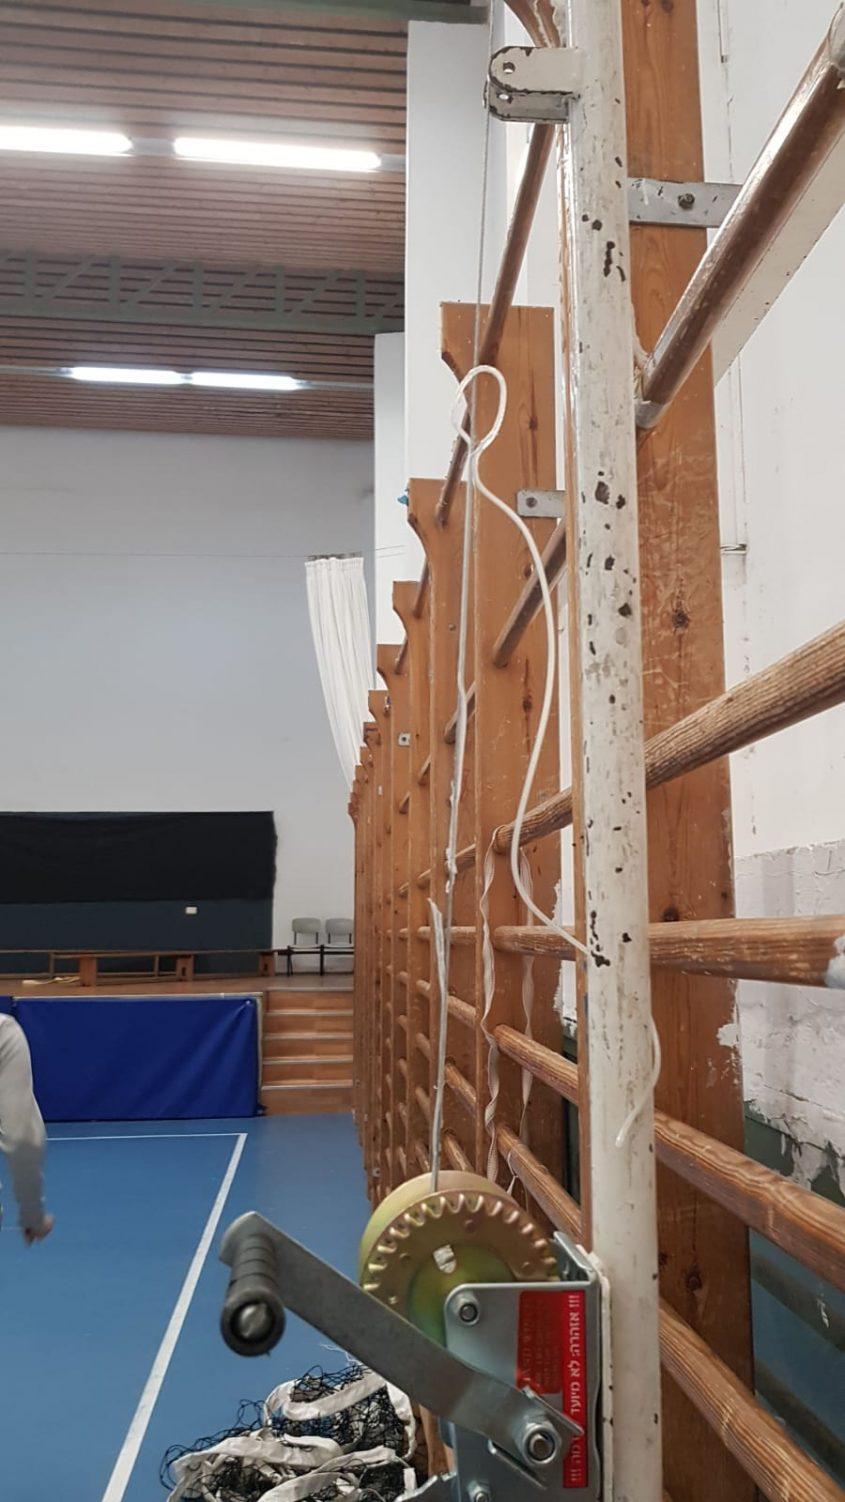 כננת לא תקינה באולם בית הספר הדמוקרטי במודיעין (צילום: שחקניות הכדורשת במודיעין)